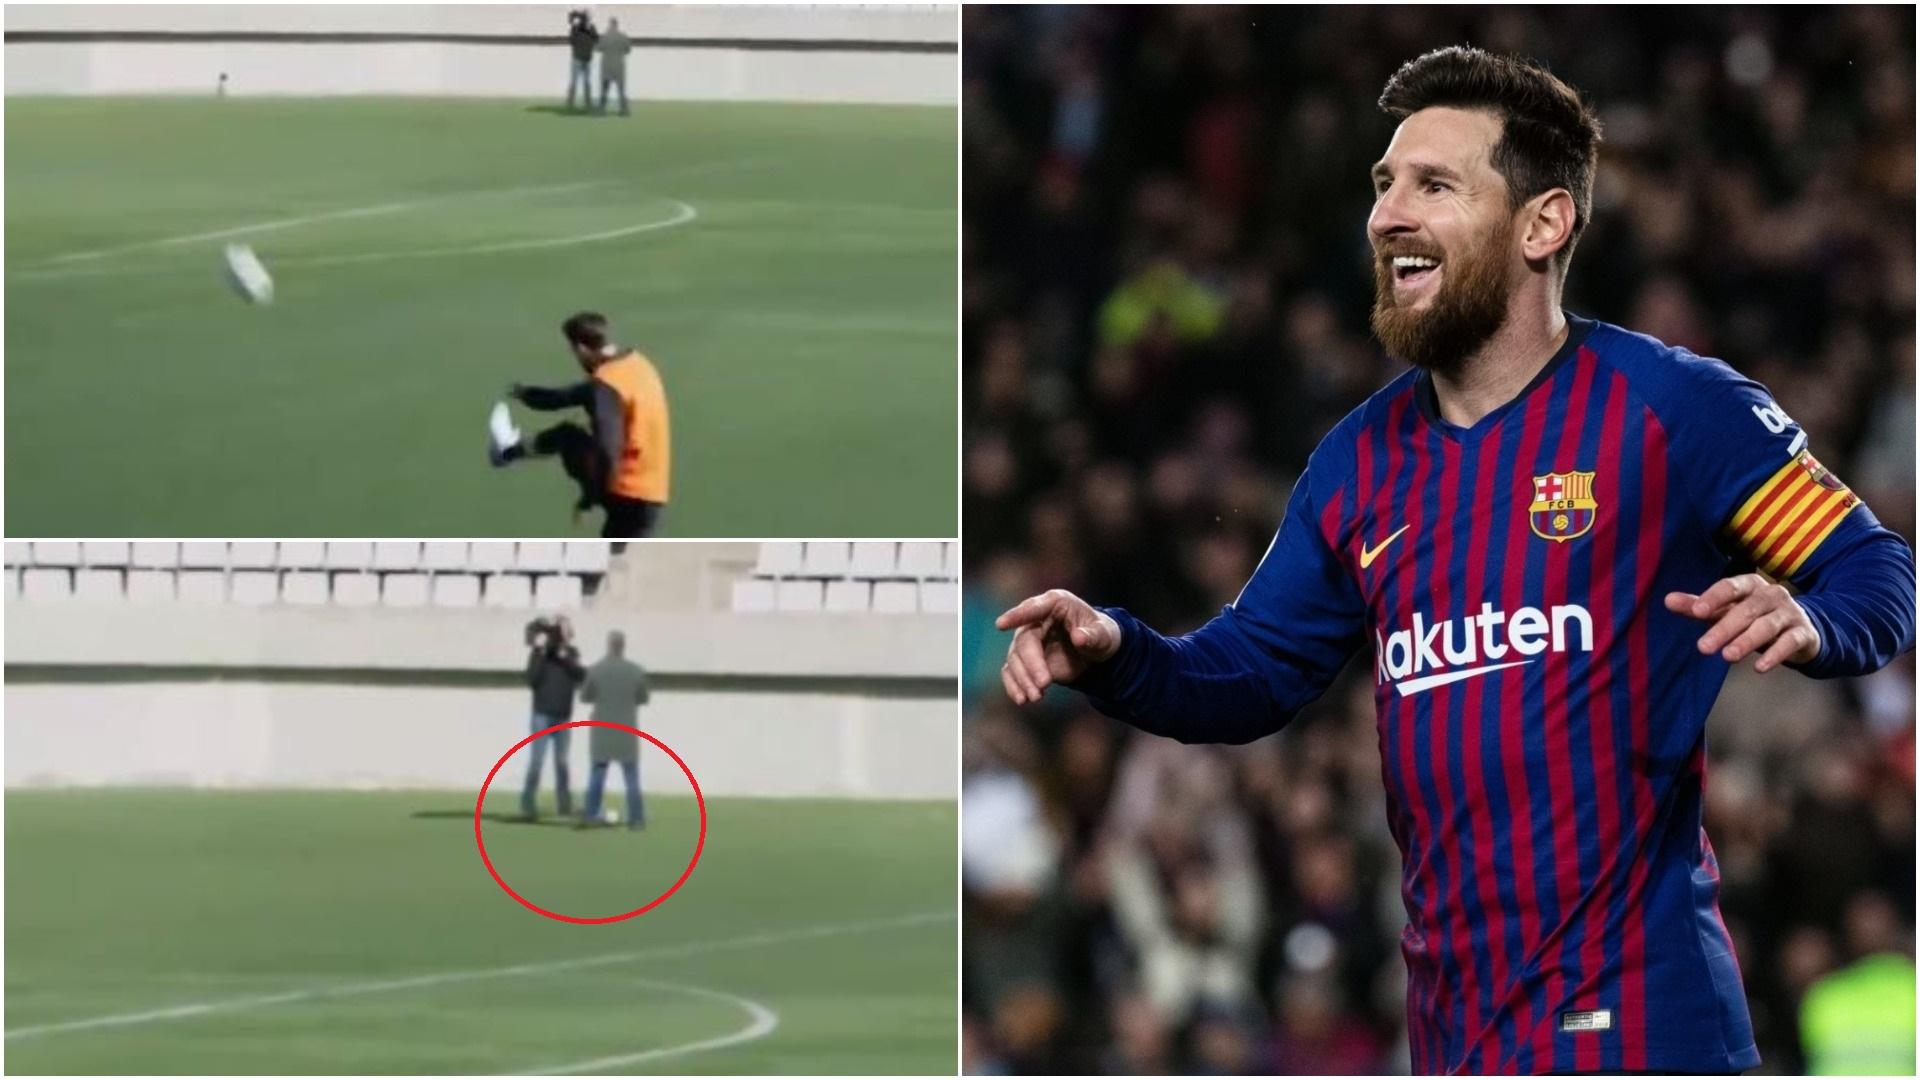 VIDEO/ Messi nuk pyet për askënd, Adidas publikon videon epike!